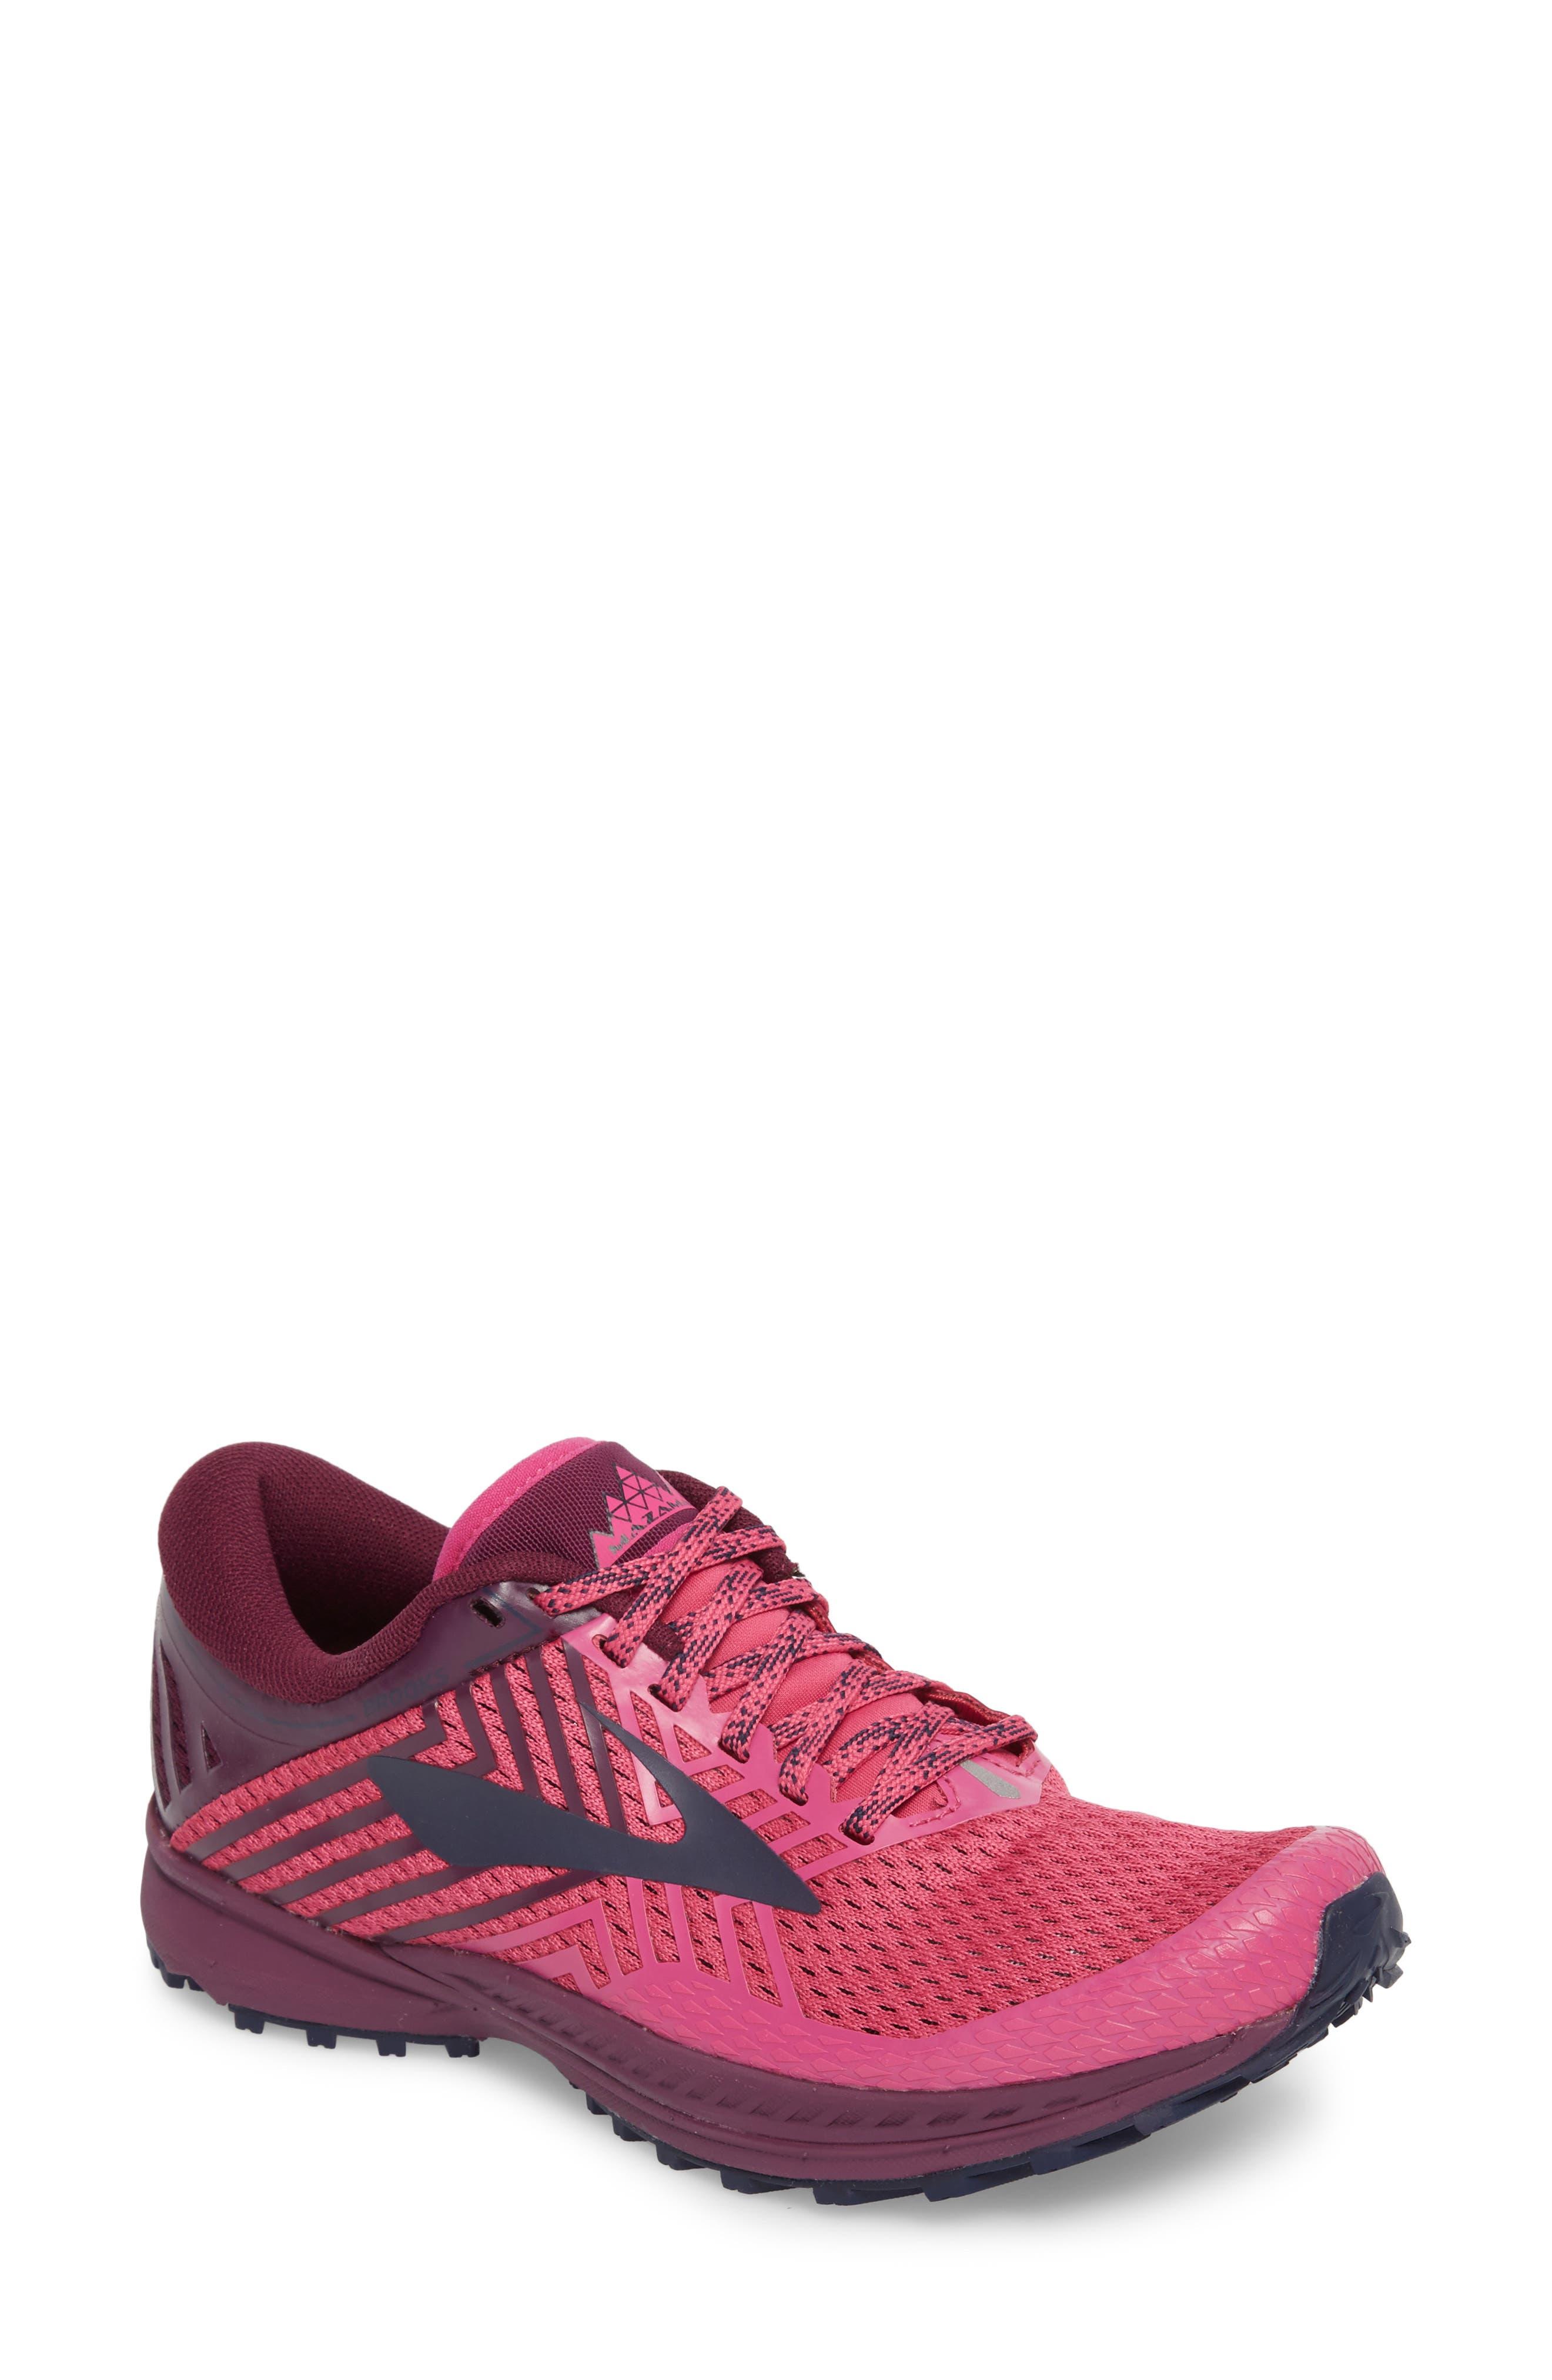 Brooks Mazama 2 Trail Running Shoe, Pink